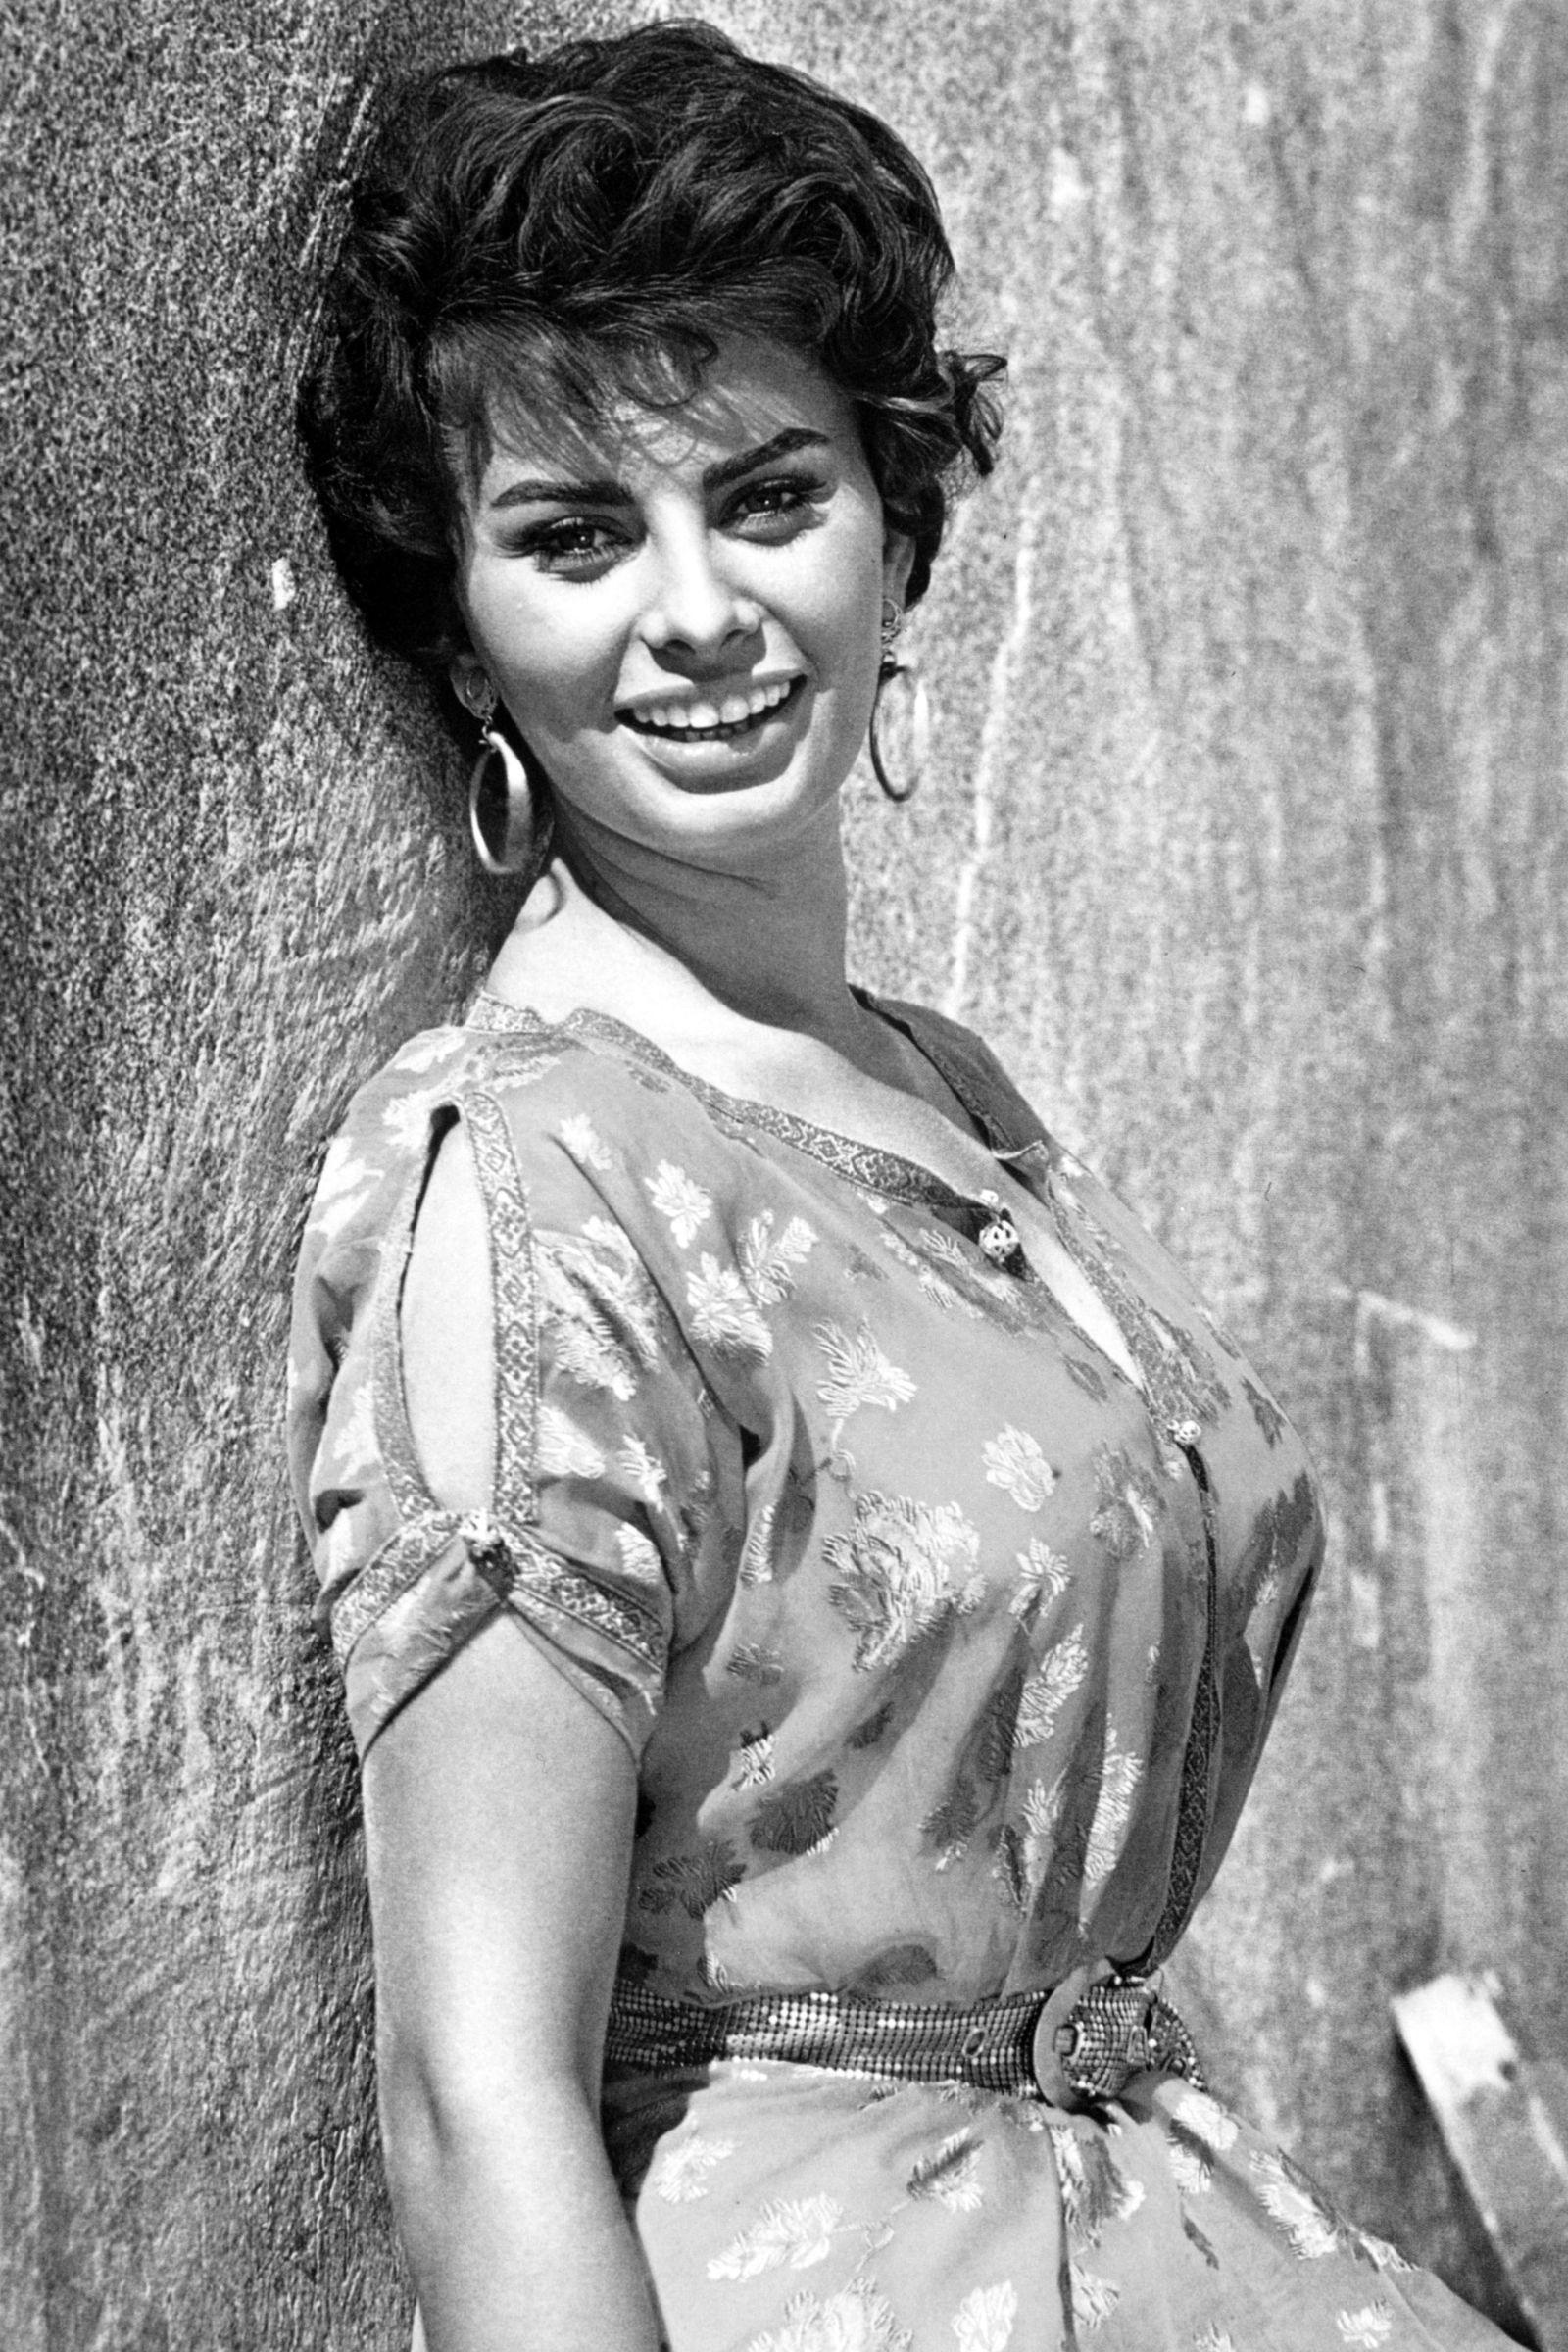 Sophia Loren S Iconic Style In Photos Sophia Loren Sophia Loren Photo Sophia Loren Images